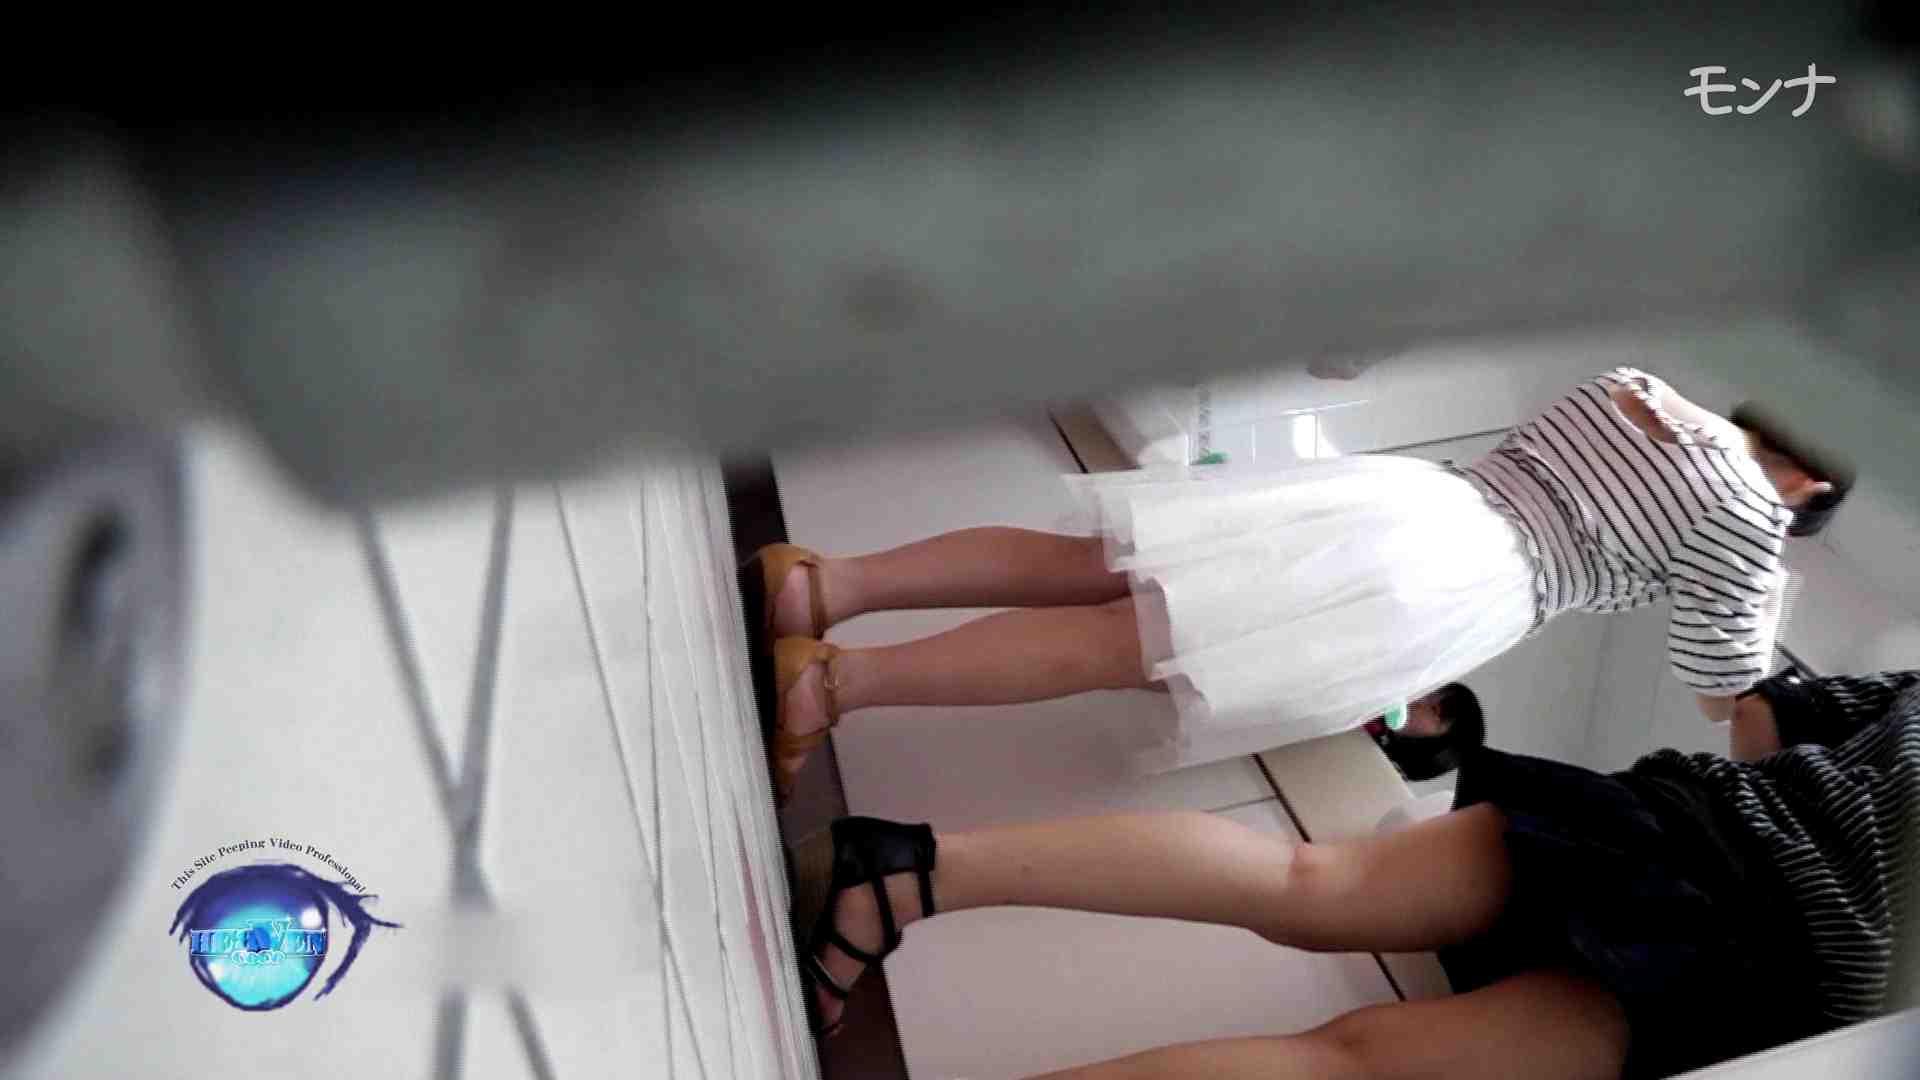 美しい日本の未来 No.96 おまんこ無修正 | 覗き放題  75画像 40